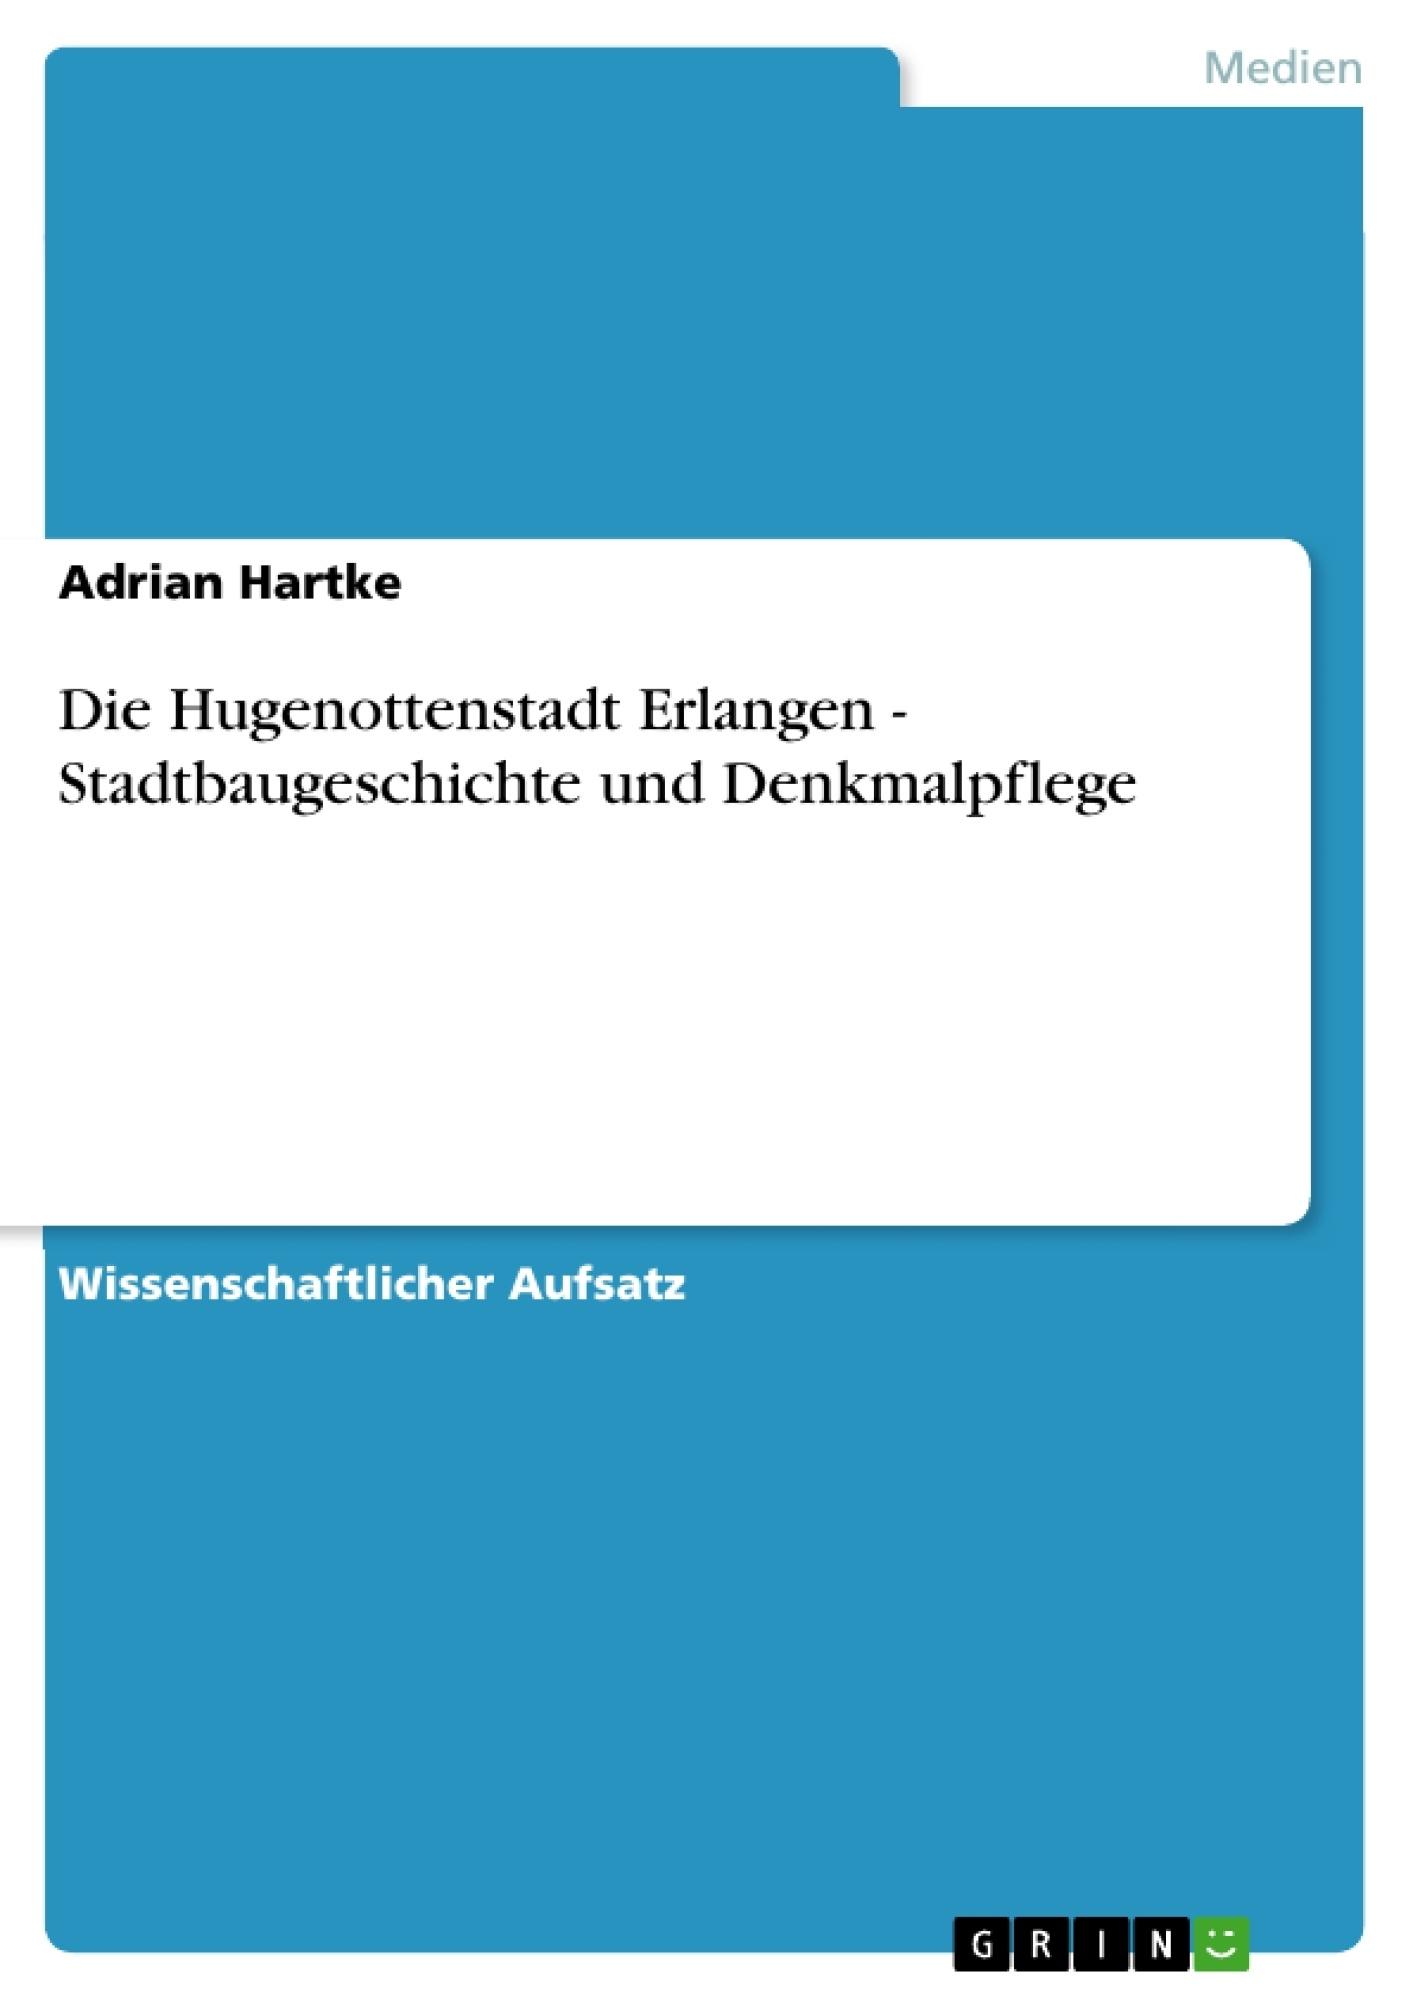 Titel: Die Hugenottenstadt Erlangen - Stadtbaugeschichte und Denkmalpflege